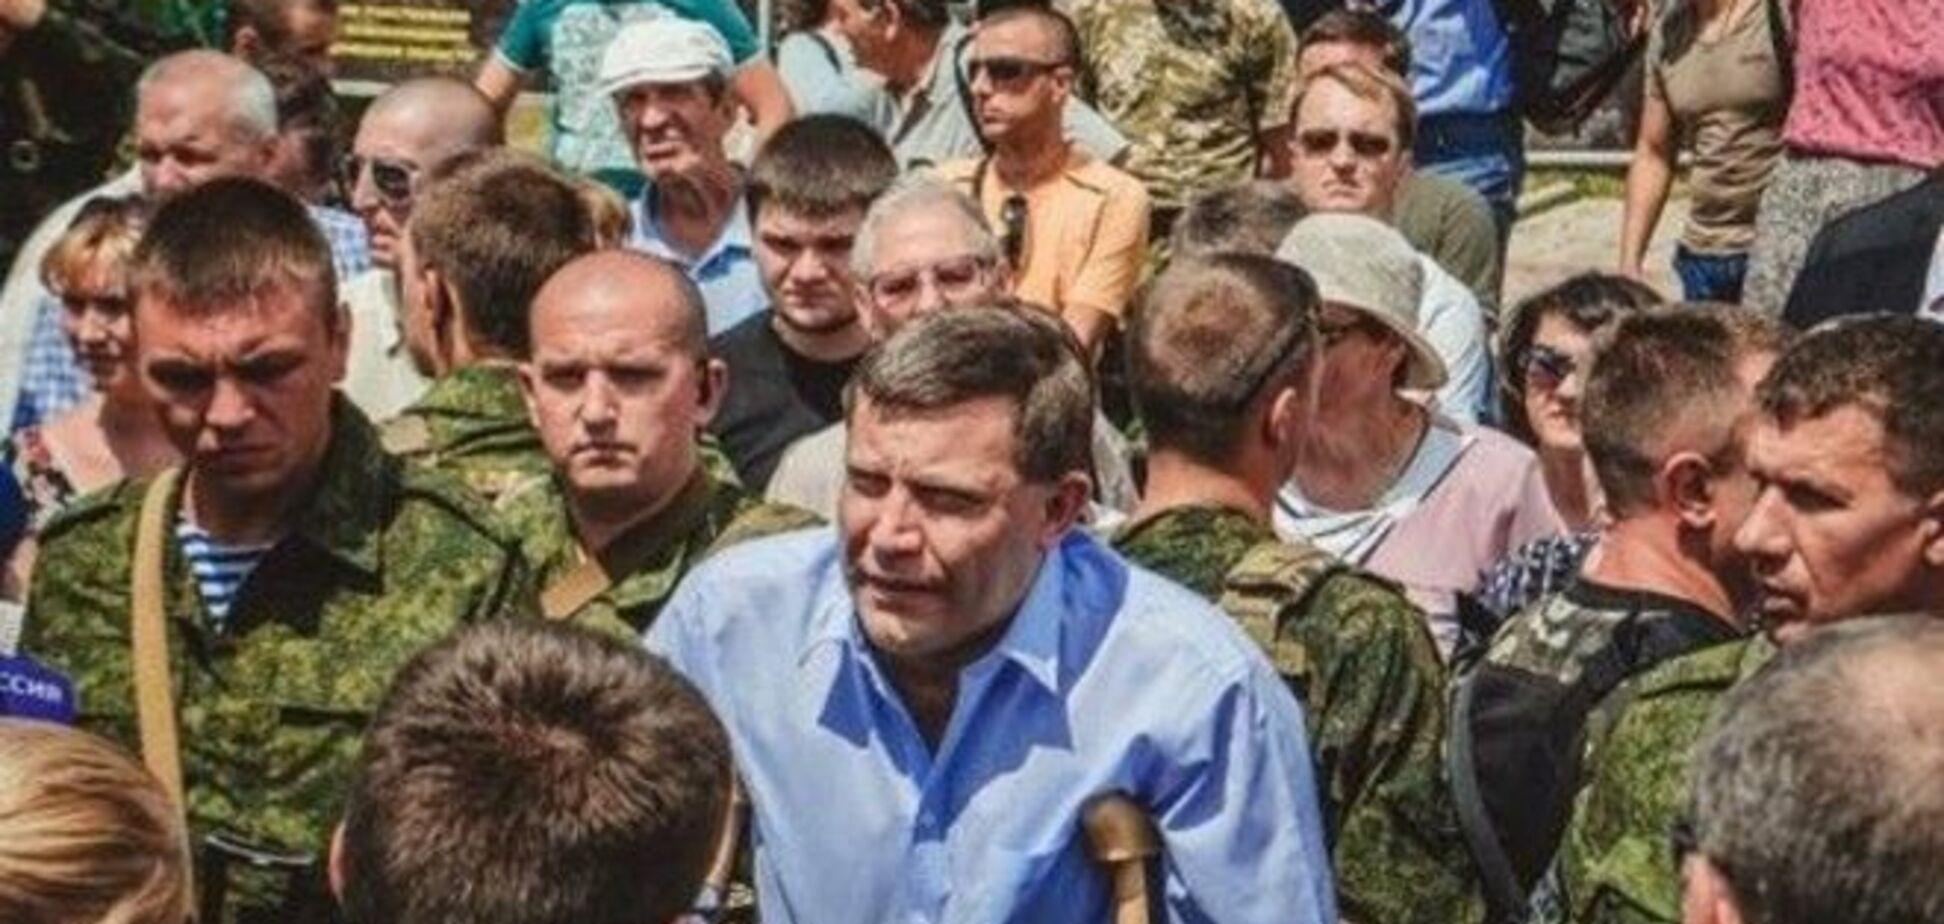 Захарченко признался, что террористы ведут артобстрелы с территории школы: видеофакт